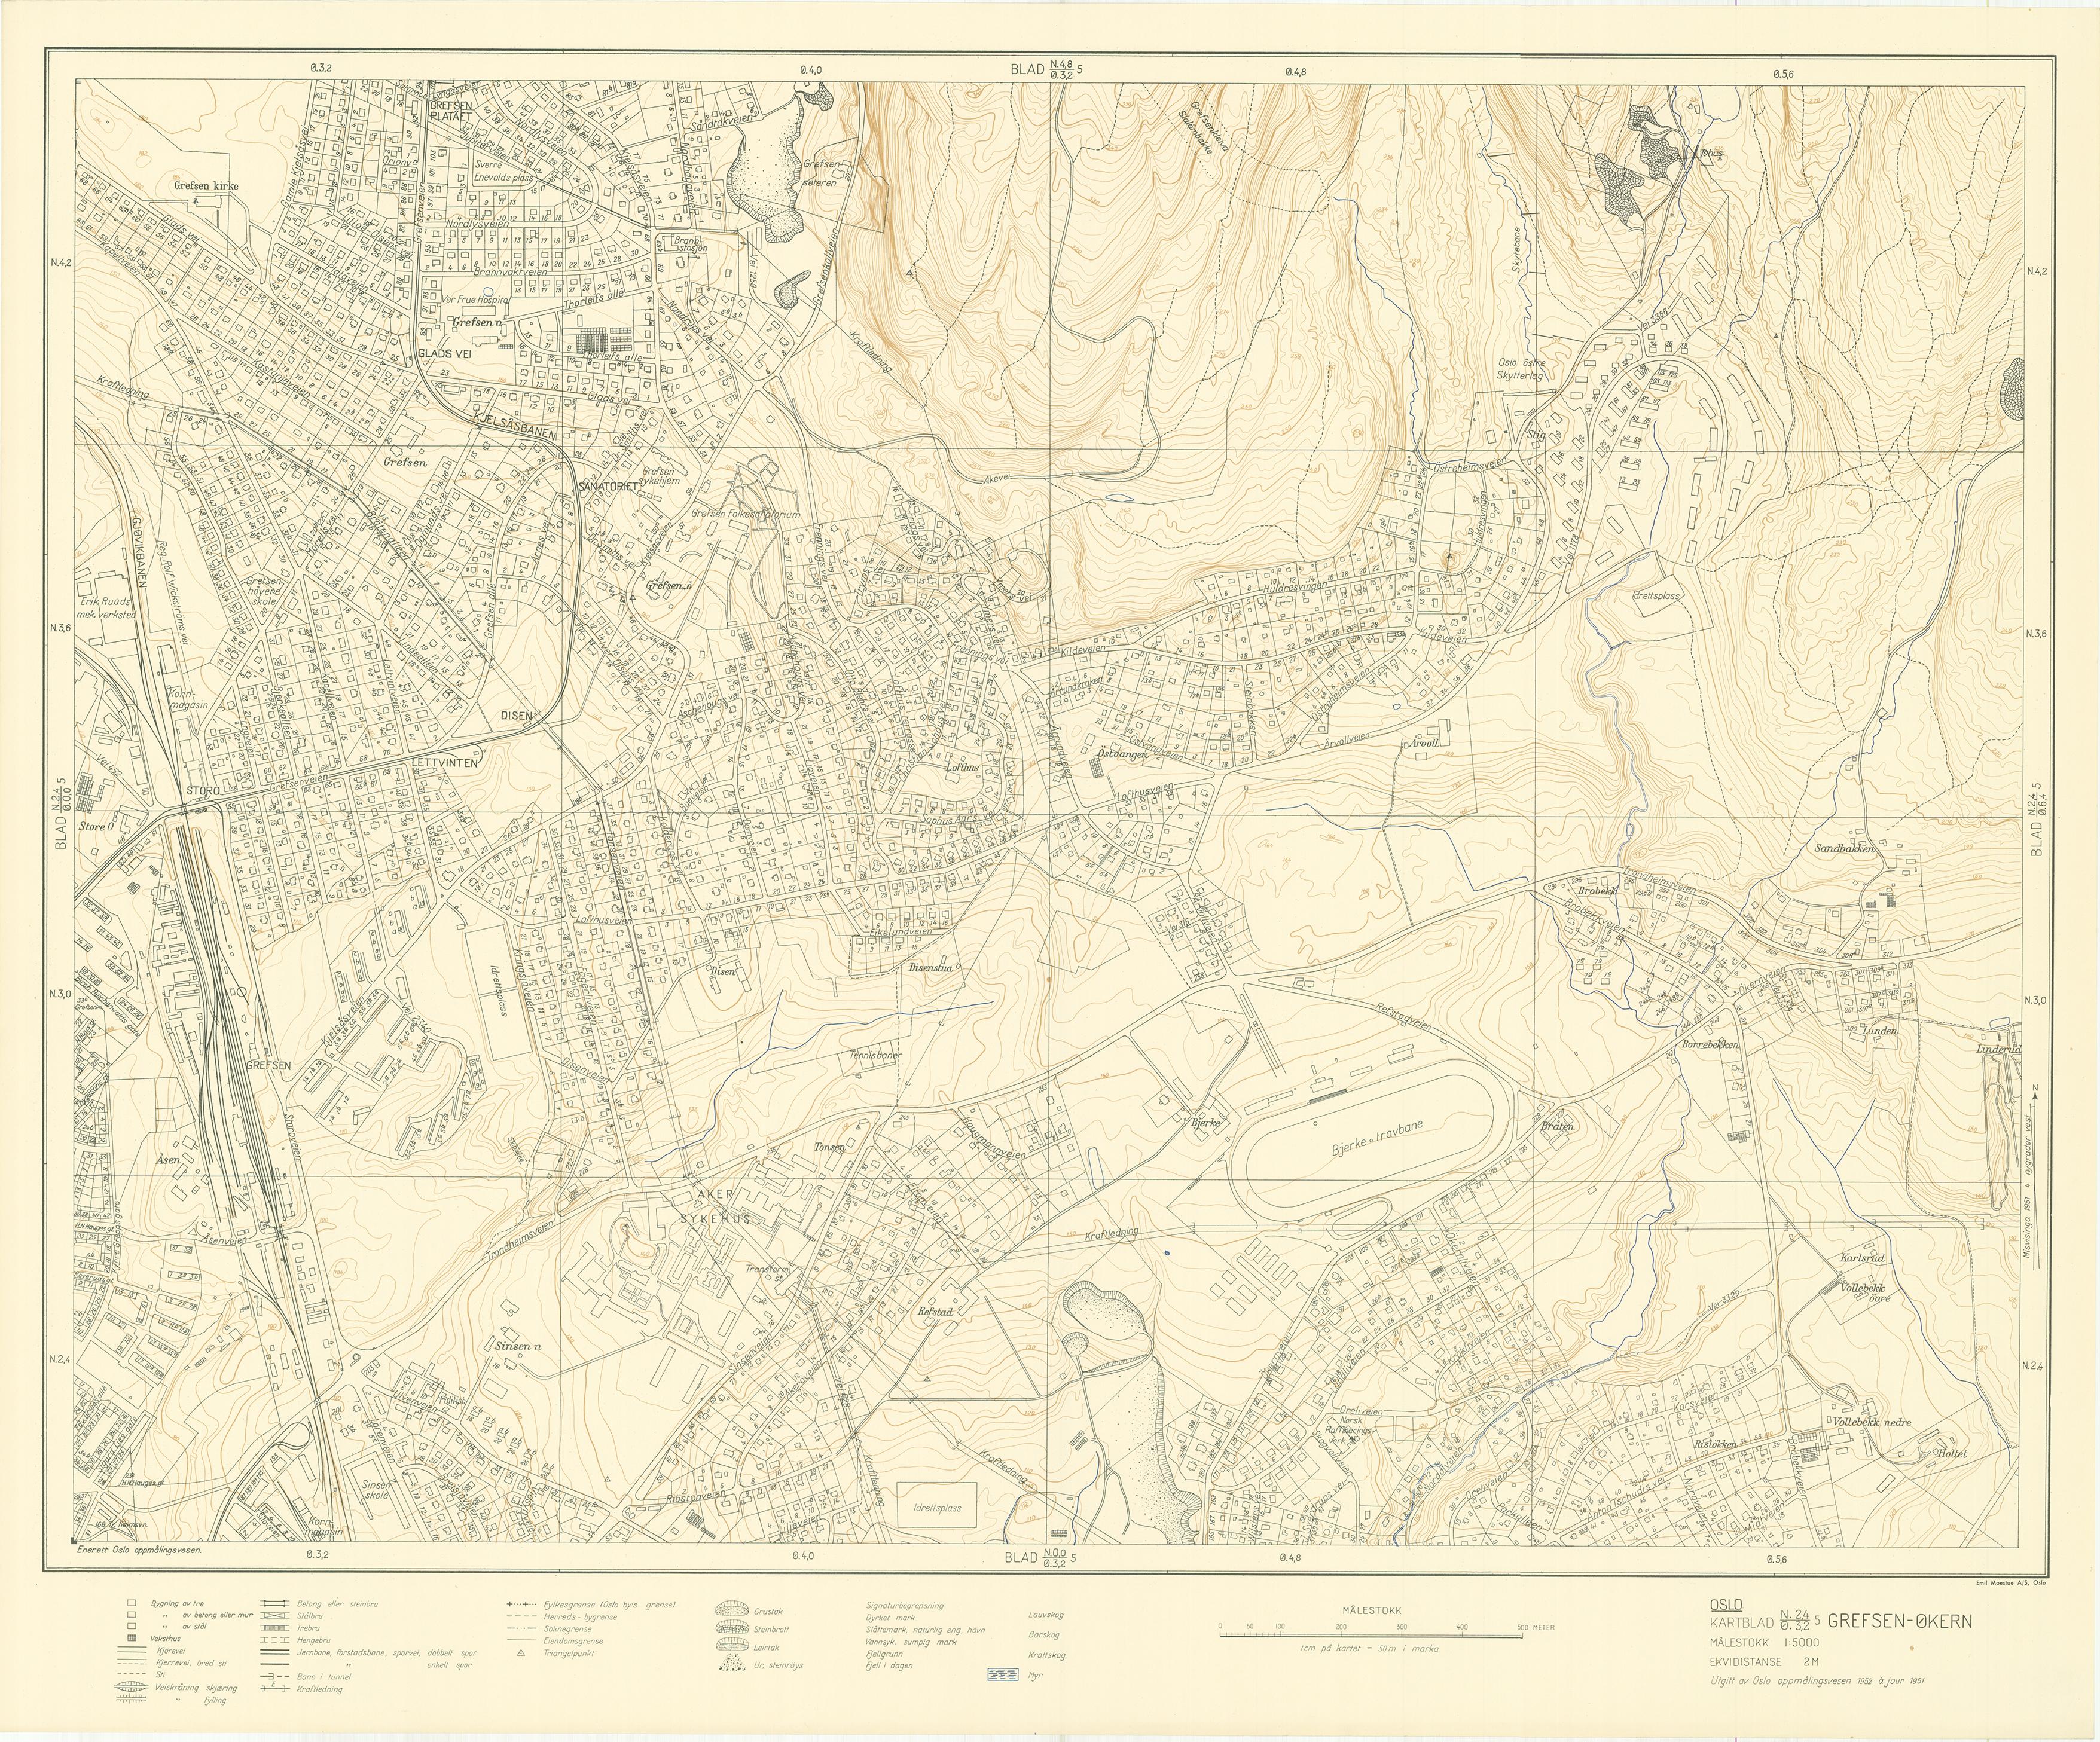 kart økern Oslokart 1:5000 1942 1982 kart økern